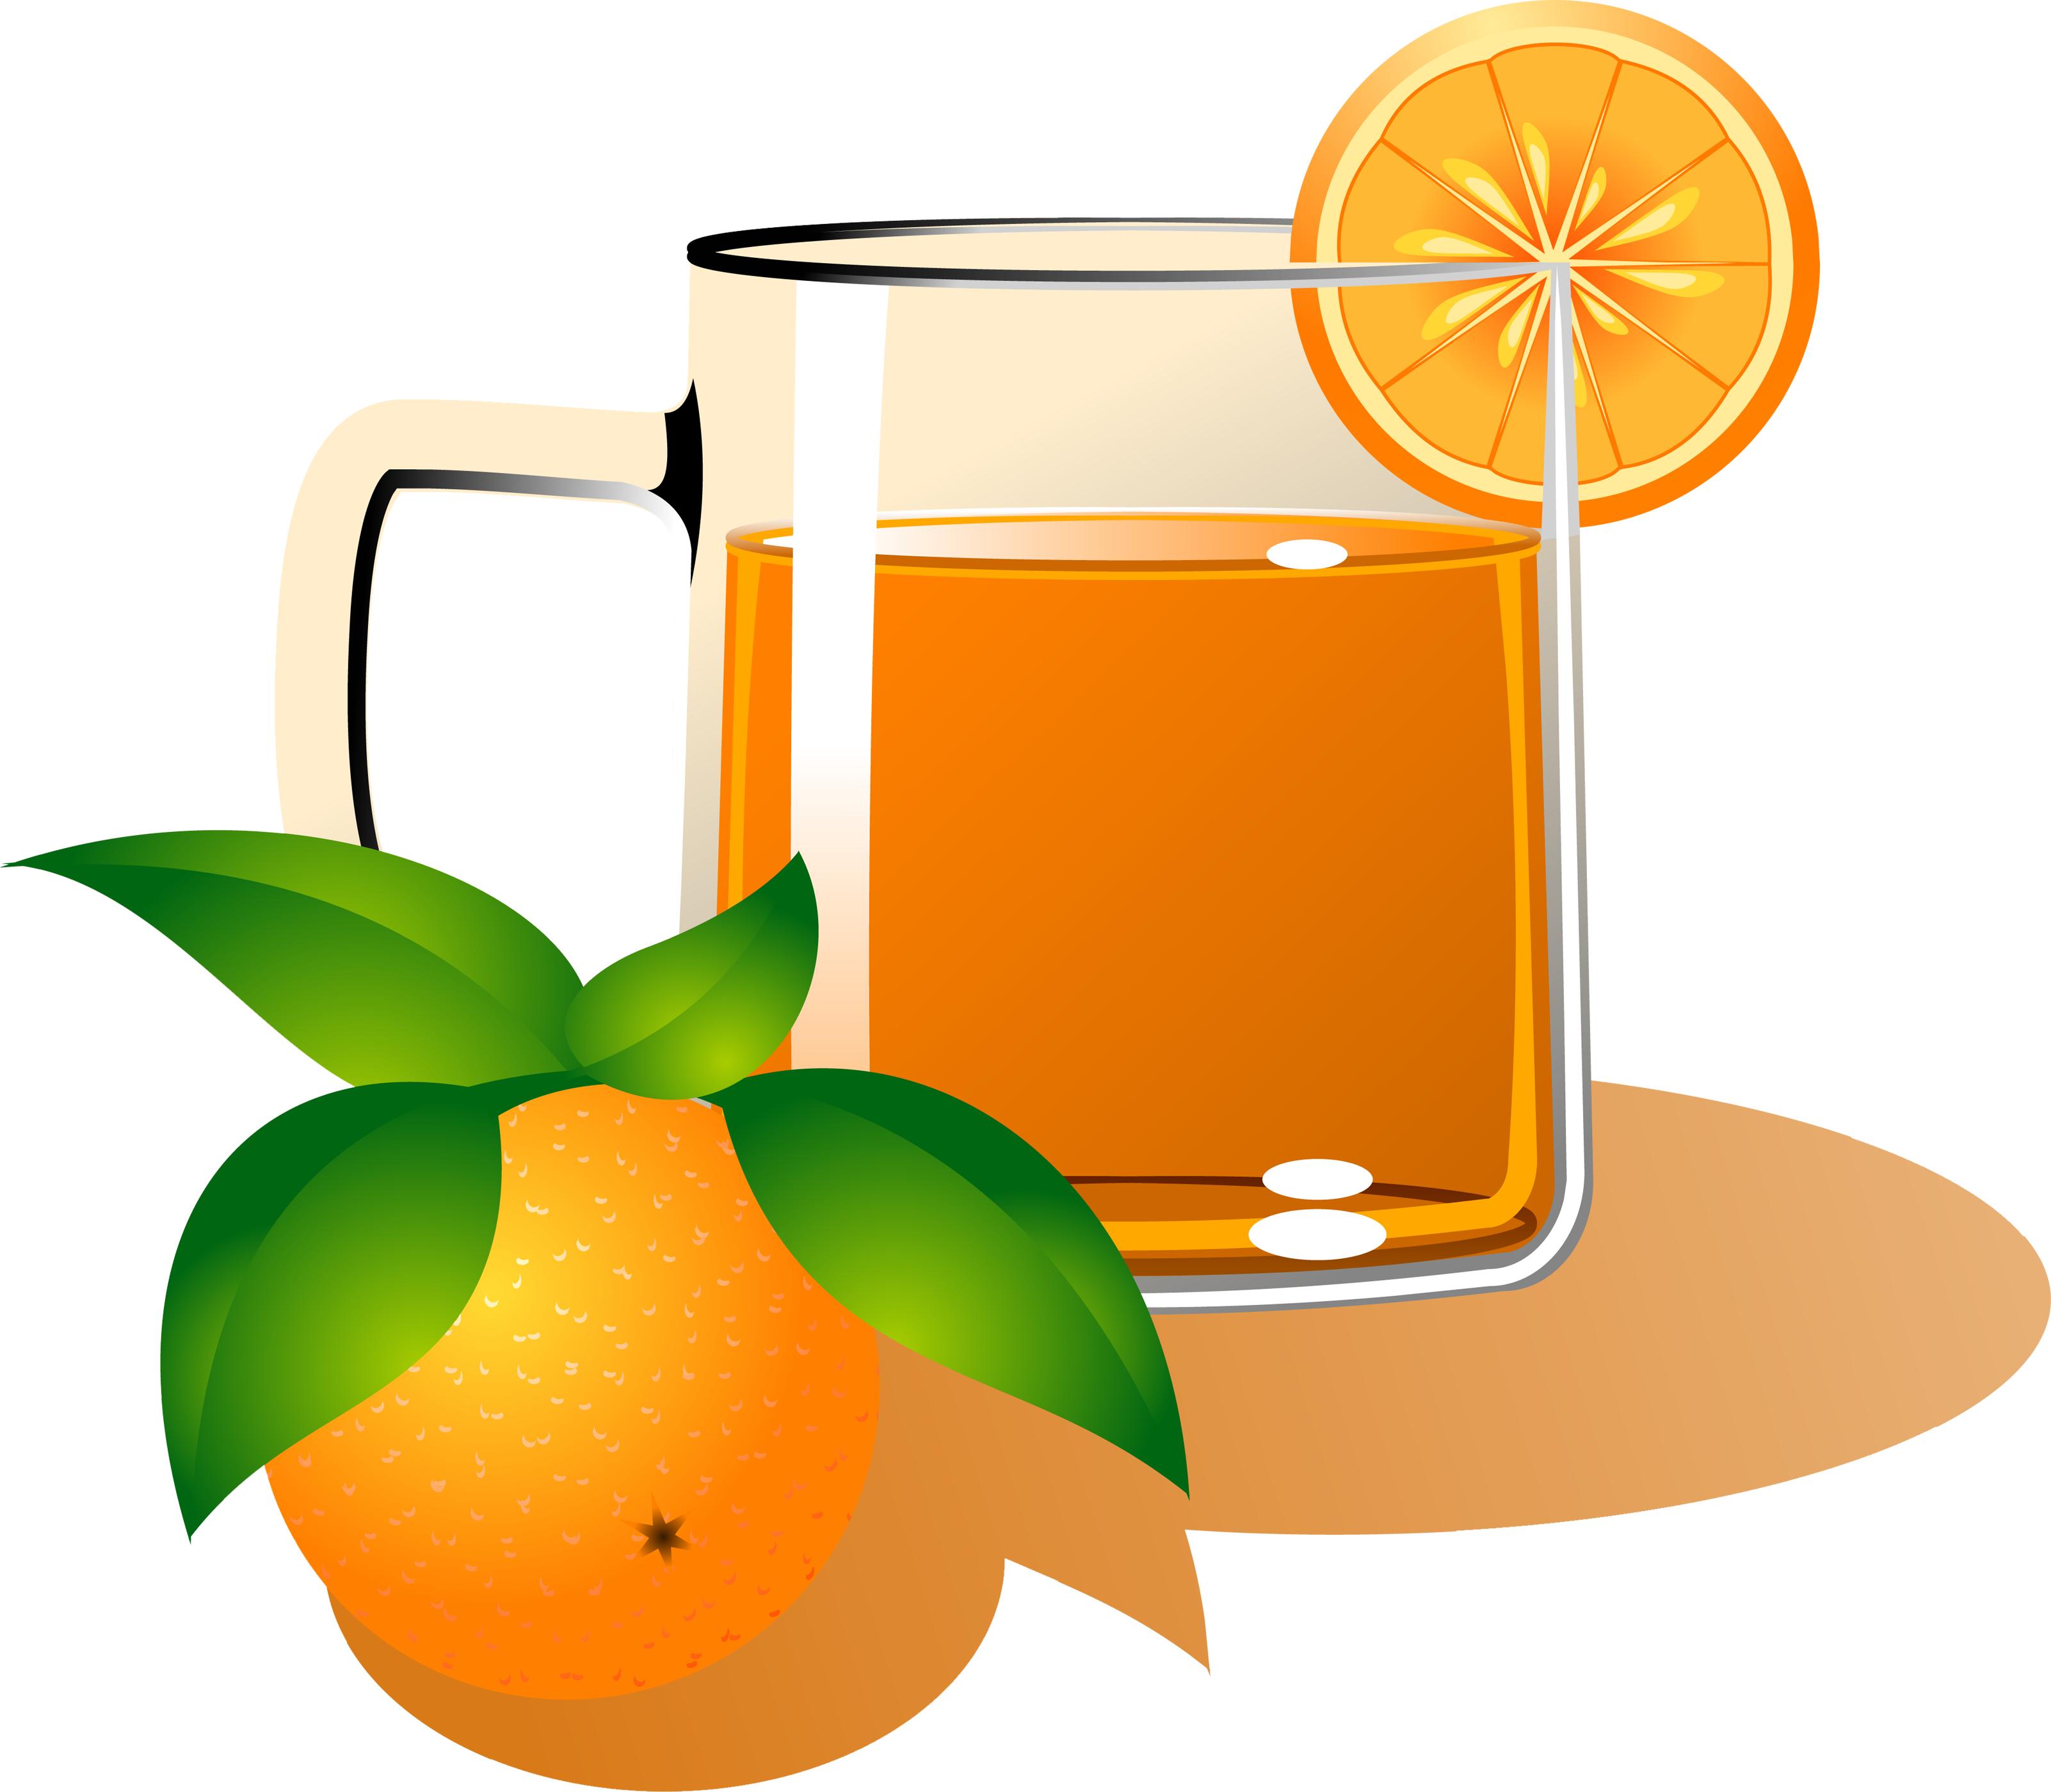 клипарт, фото, апельсиновый сок, сок со стаканом, апельсин